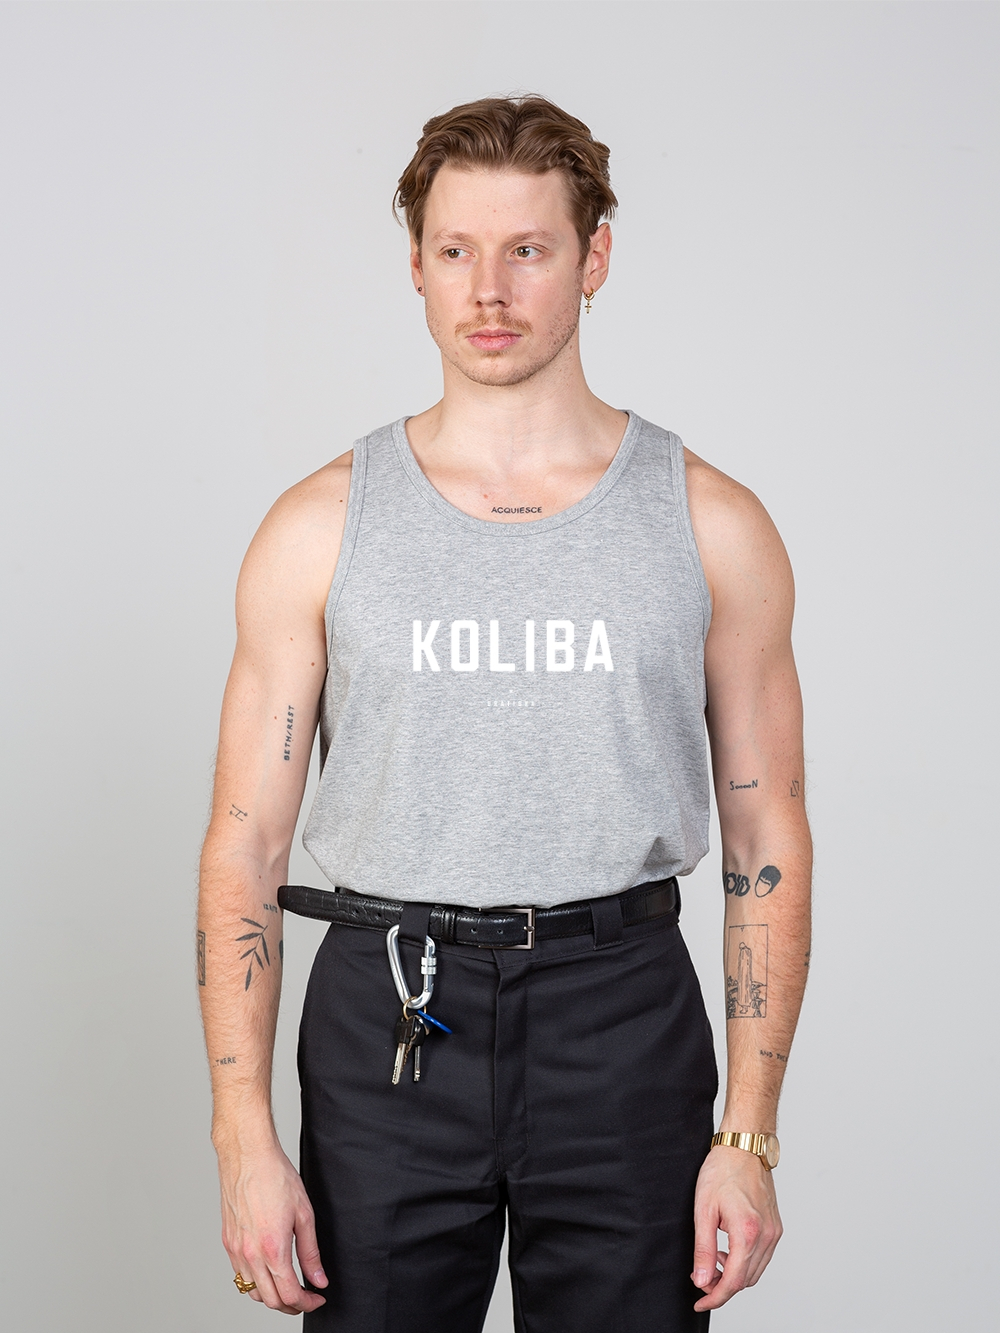 Koliba